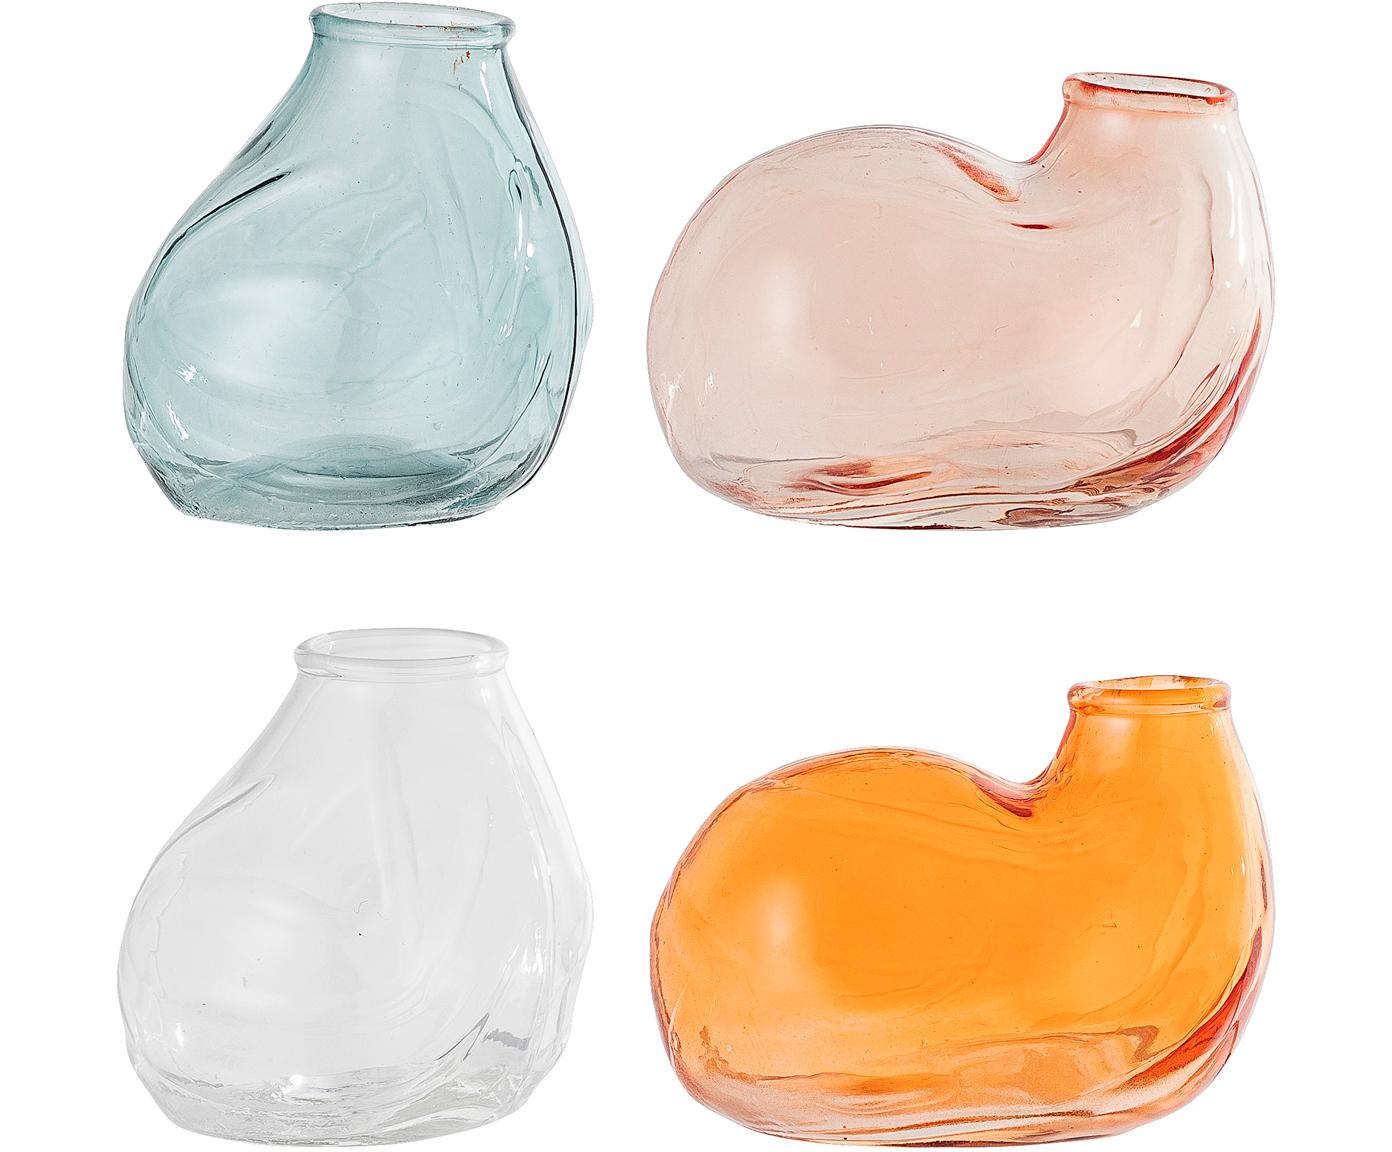 Komplet wazonów XS ze szkła Klara, 4 elem., Szkło, Niebieski, blady różowy, transparentny, pomarańczowy, S 6 x W 4 cm